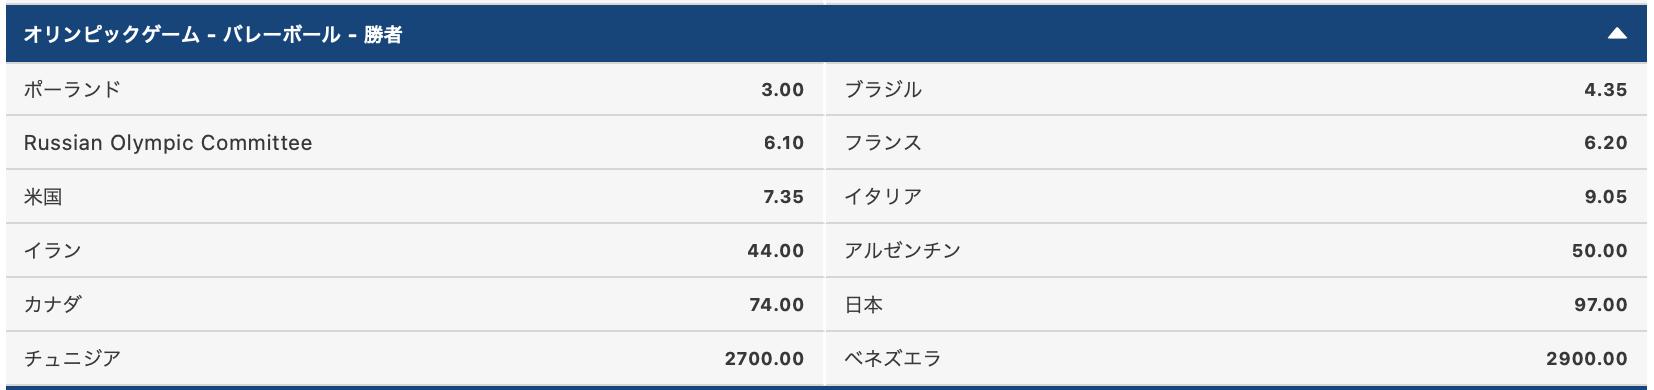 2020東京オリンピック男子バレーボール優勝:金メダル予想オッズ評価